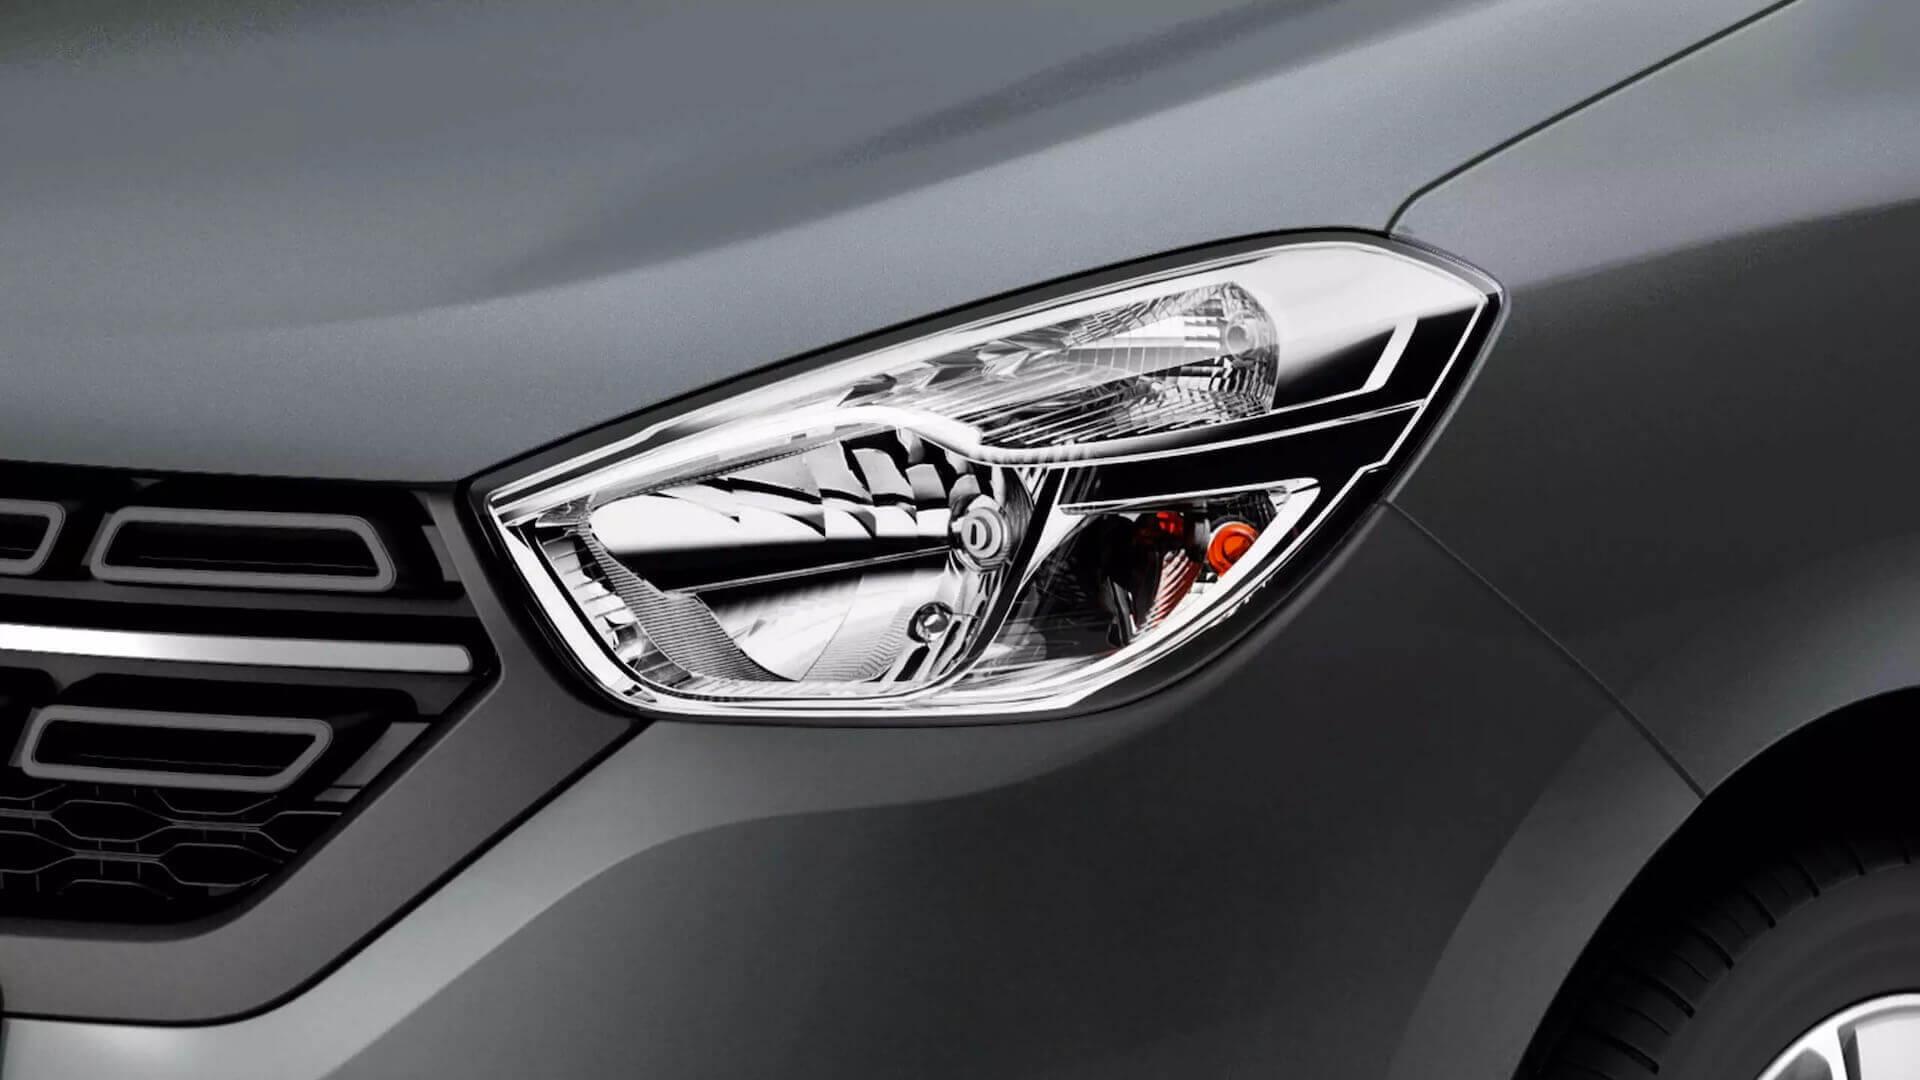 Scheinwerferdesign vom Auto - Dacia Lodgy - Renault Ahrens Hannover